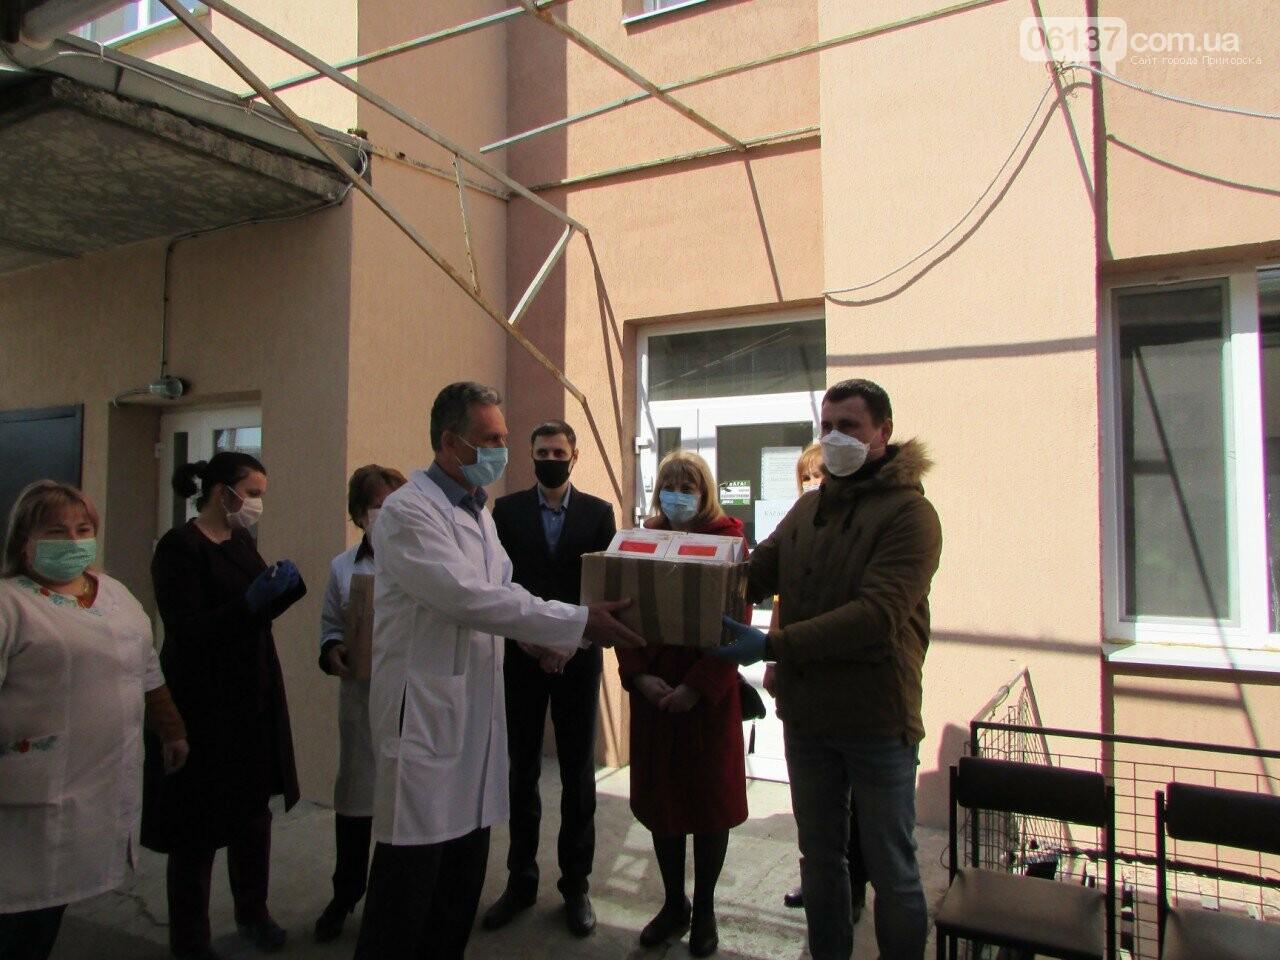 ДТЭК ВИЭ совместно с Фондом Рината Ахметова передал Приморску экспресс-тесты для выявления коронавируса, фото-1